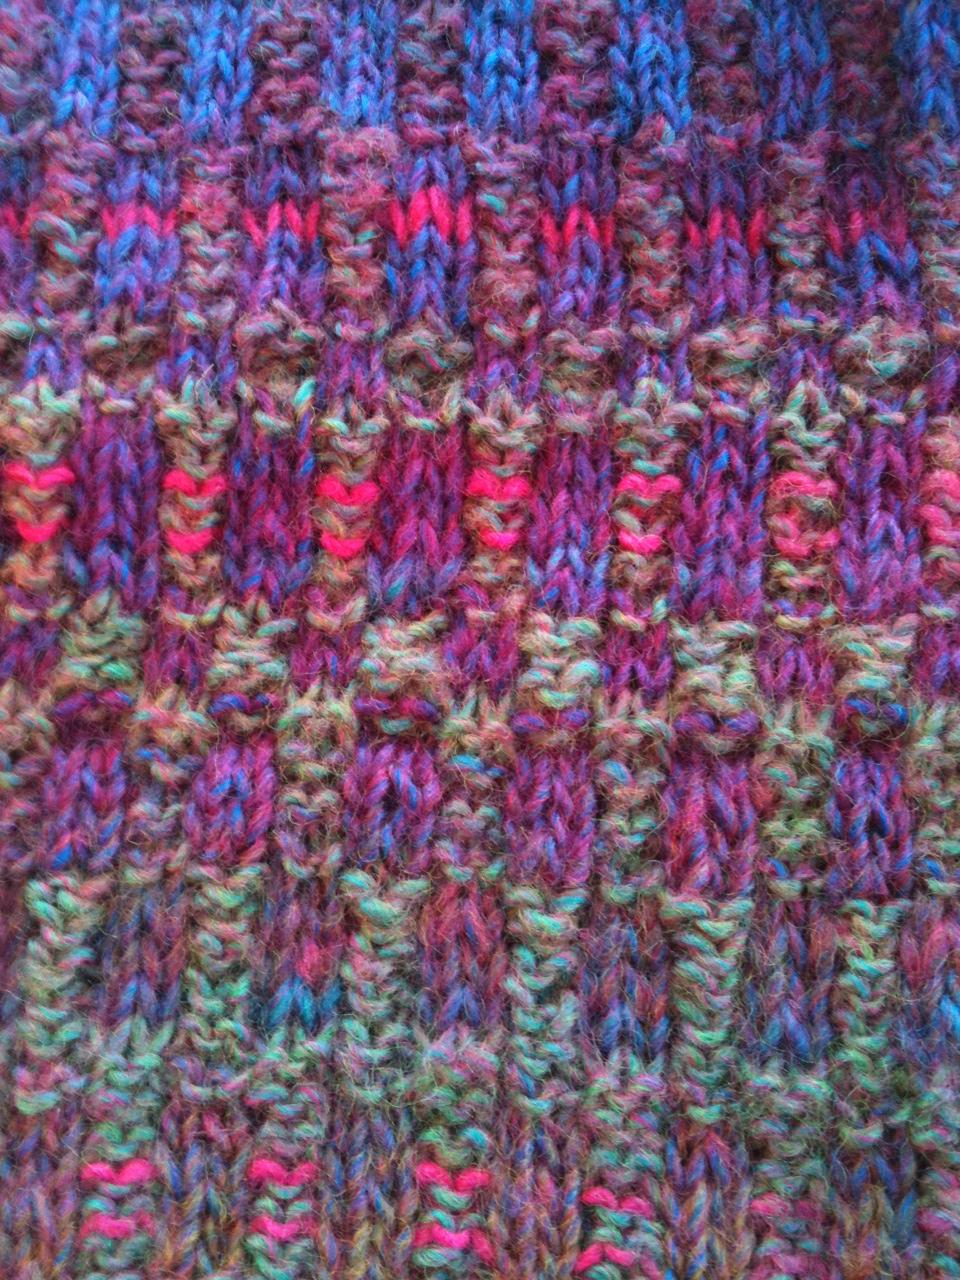 Mosaic Knitting Stitches Patterns : Knit Better Socks: Mosaic Knitting